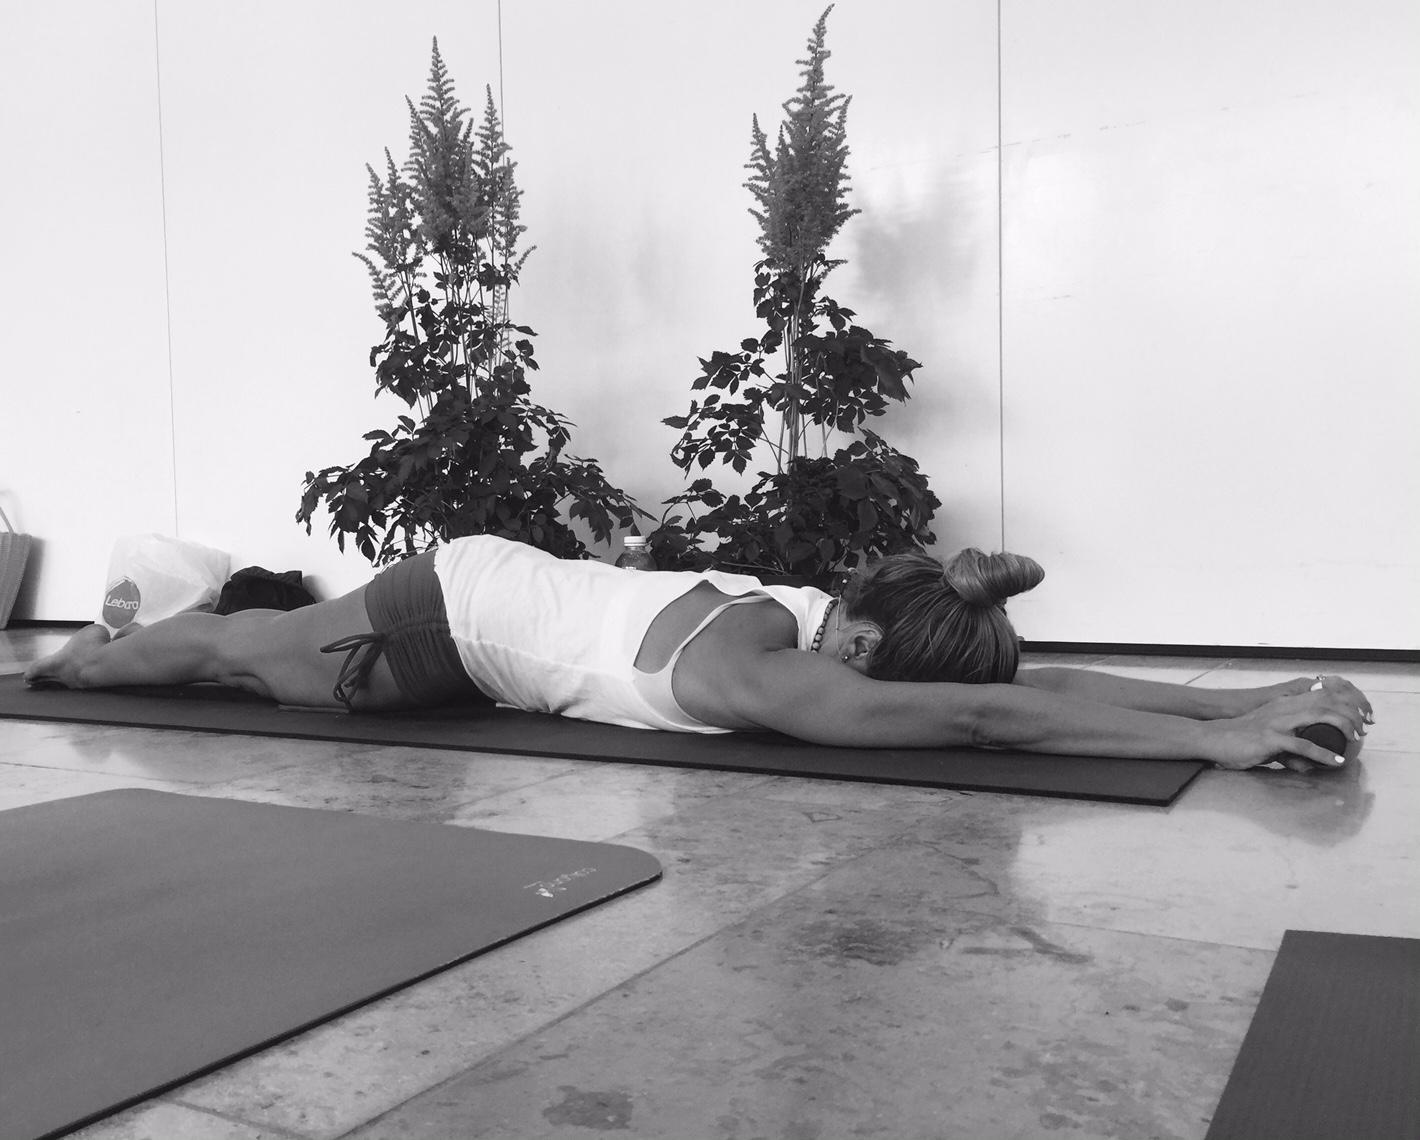 Handstand workshop med Kino Mc Gregor, Copenhagen. yoga Mudra, Signe Schineller, yoga i rosendal, yoga rosendal, yoga med signe, signe schineller yoag, hånstående, lær å stå på hendene, vibeke klemetsen,  yoga mudra copenhagen, yoga copenhagen, run and relax, run&relax,